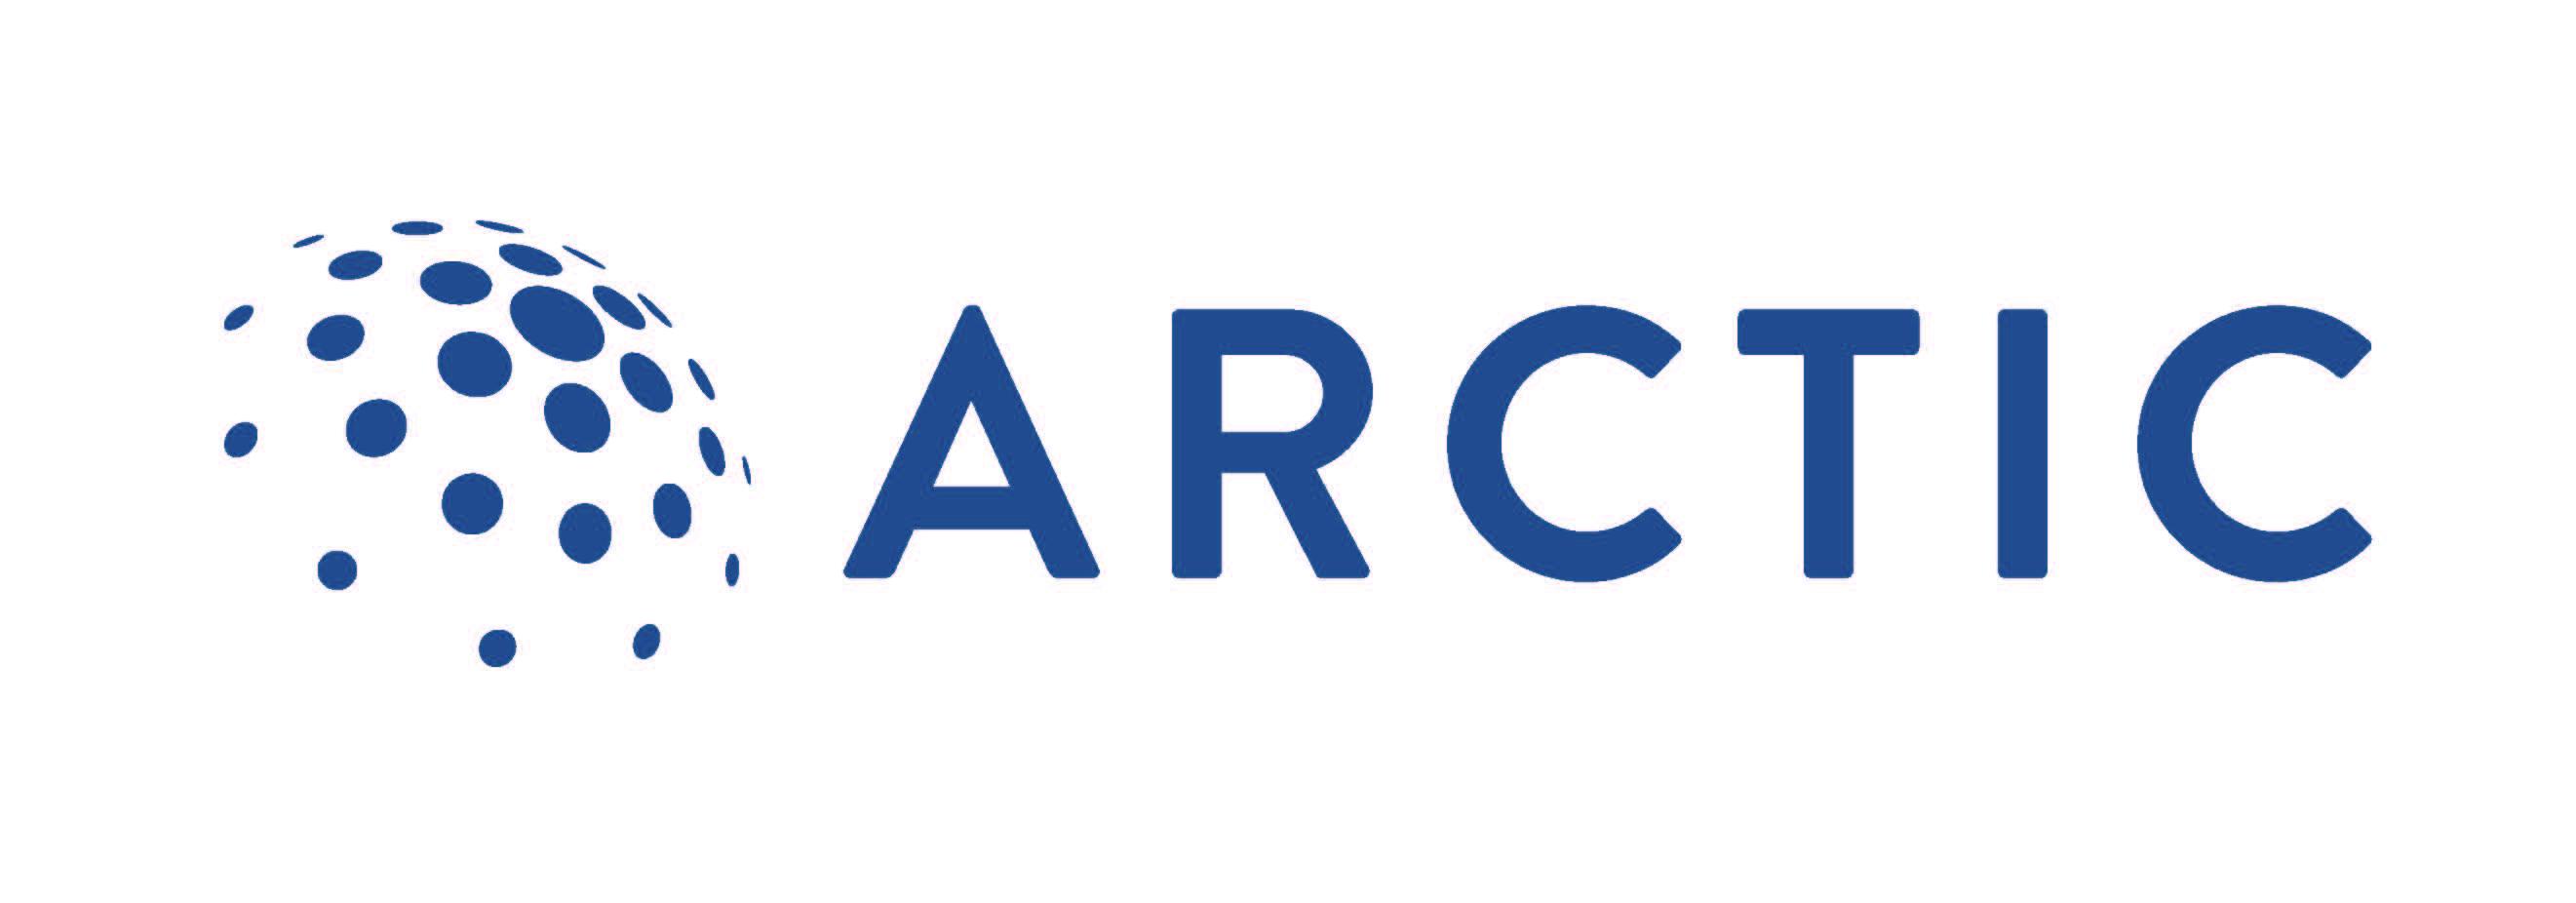 Arctic%20group%20bl%E5%20horisontal.jpg